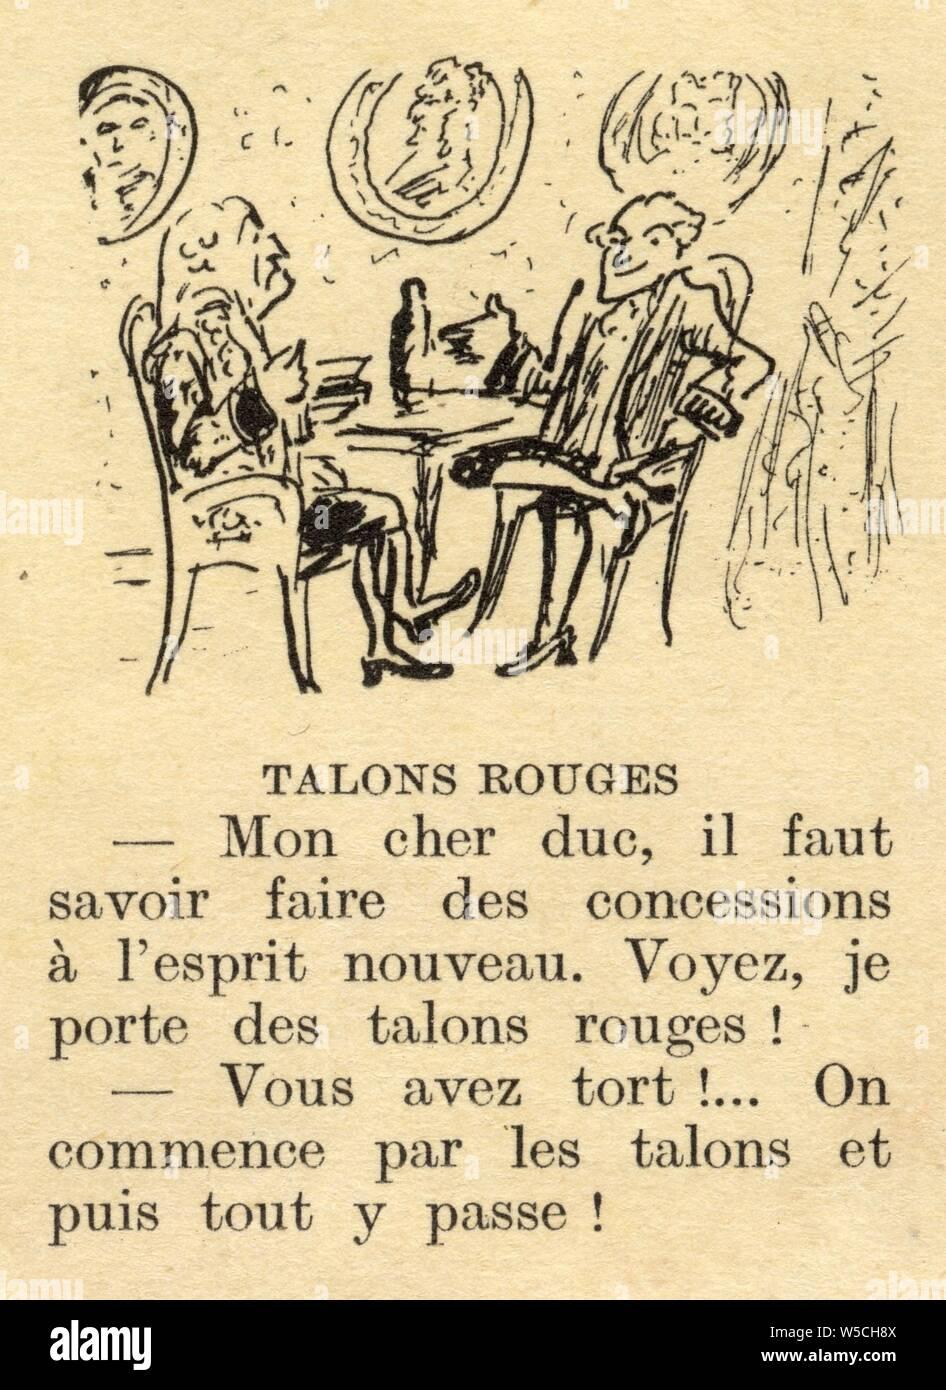 Histoire Drole Par Cami Talons Rouges Stock Photo Alamy